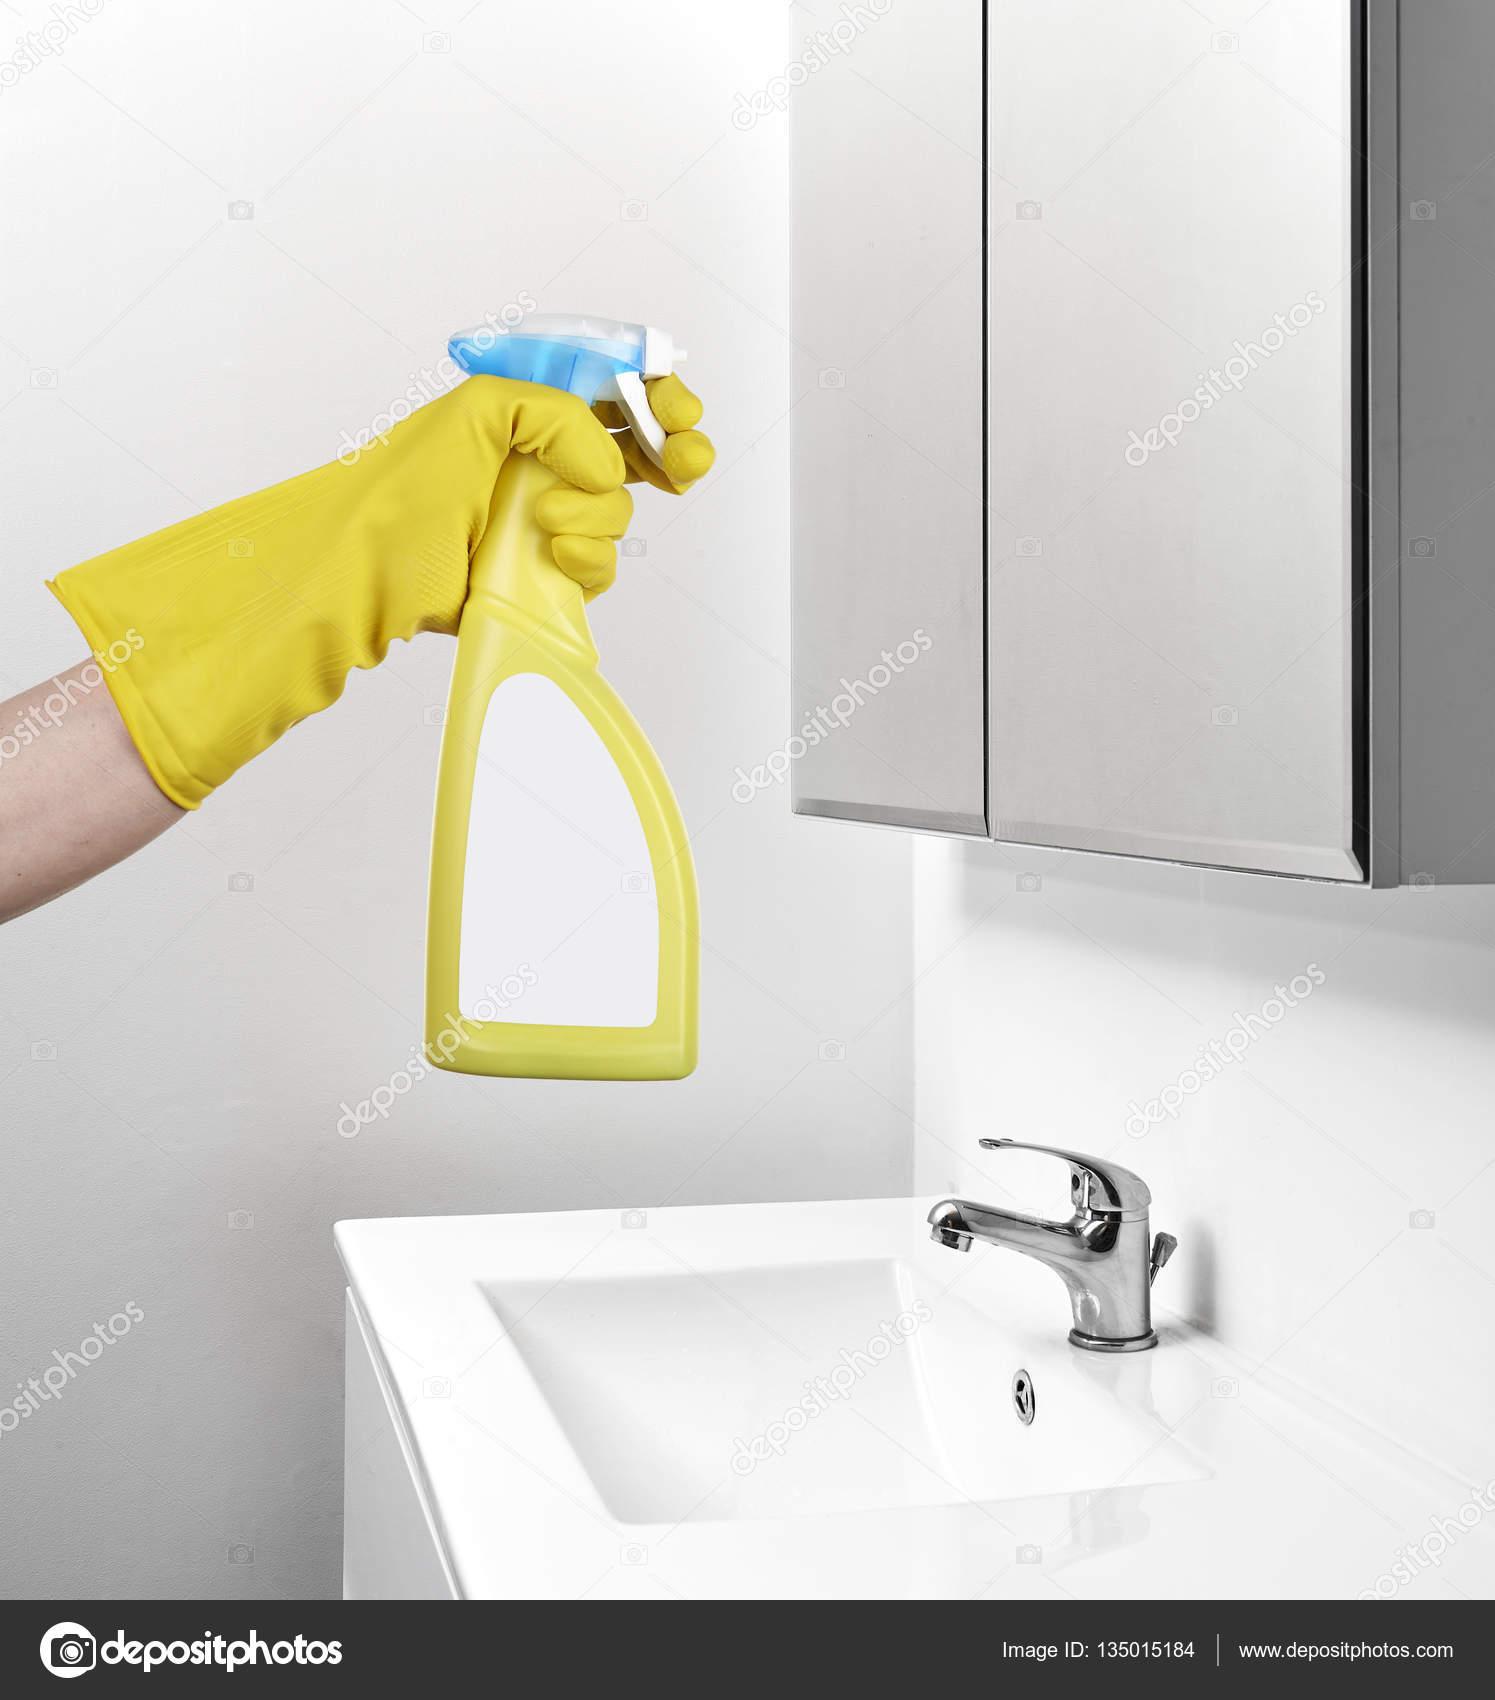 Spiegel in de badkamer schoonmaken — Stockfoto © Bombaert #135015184